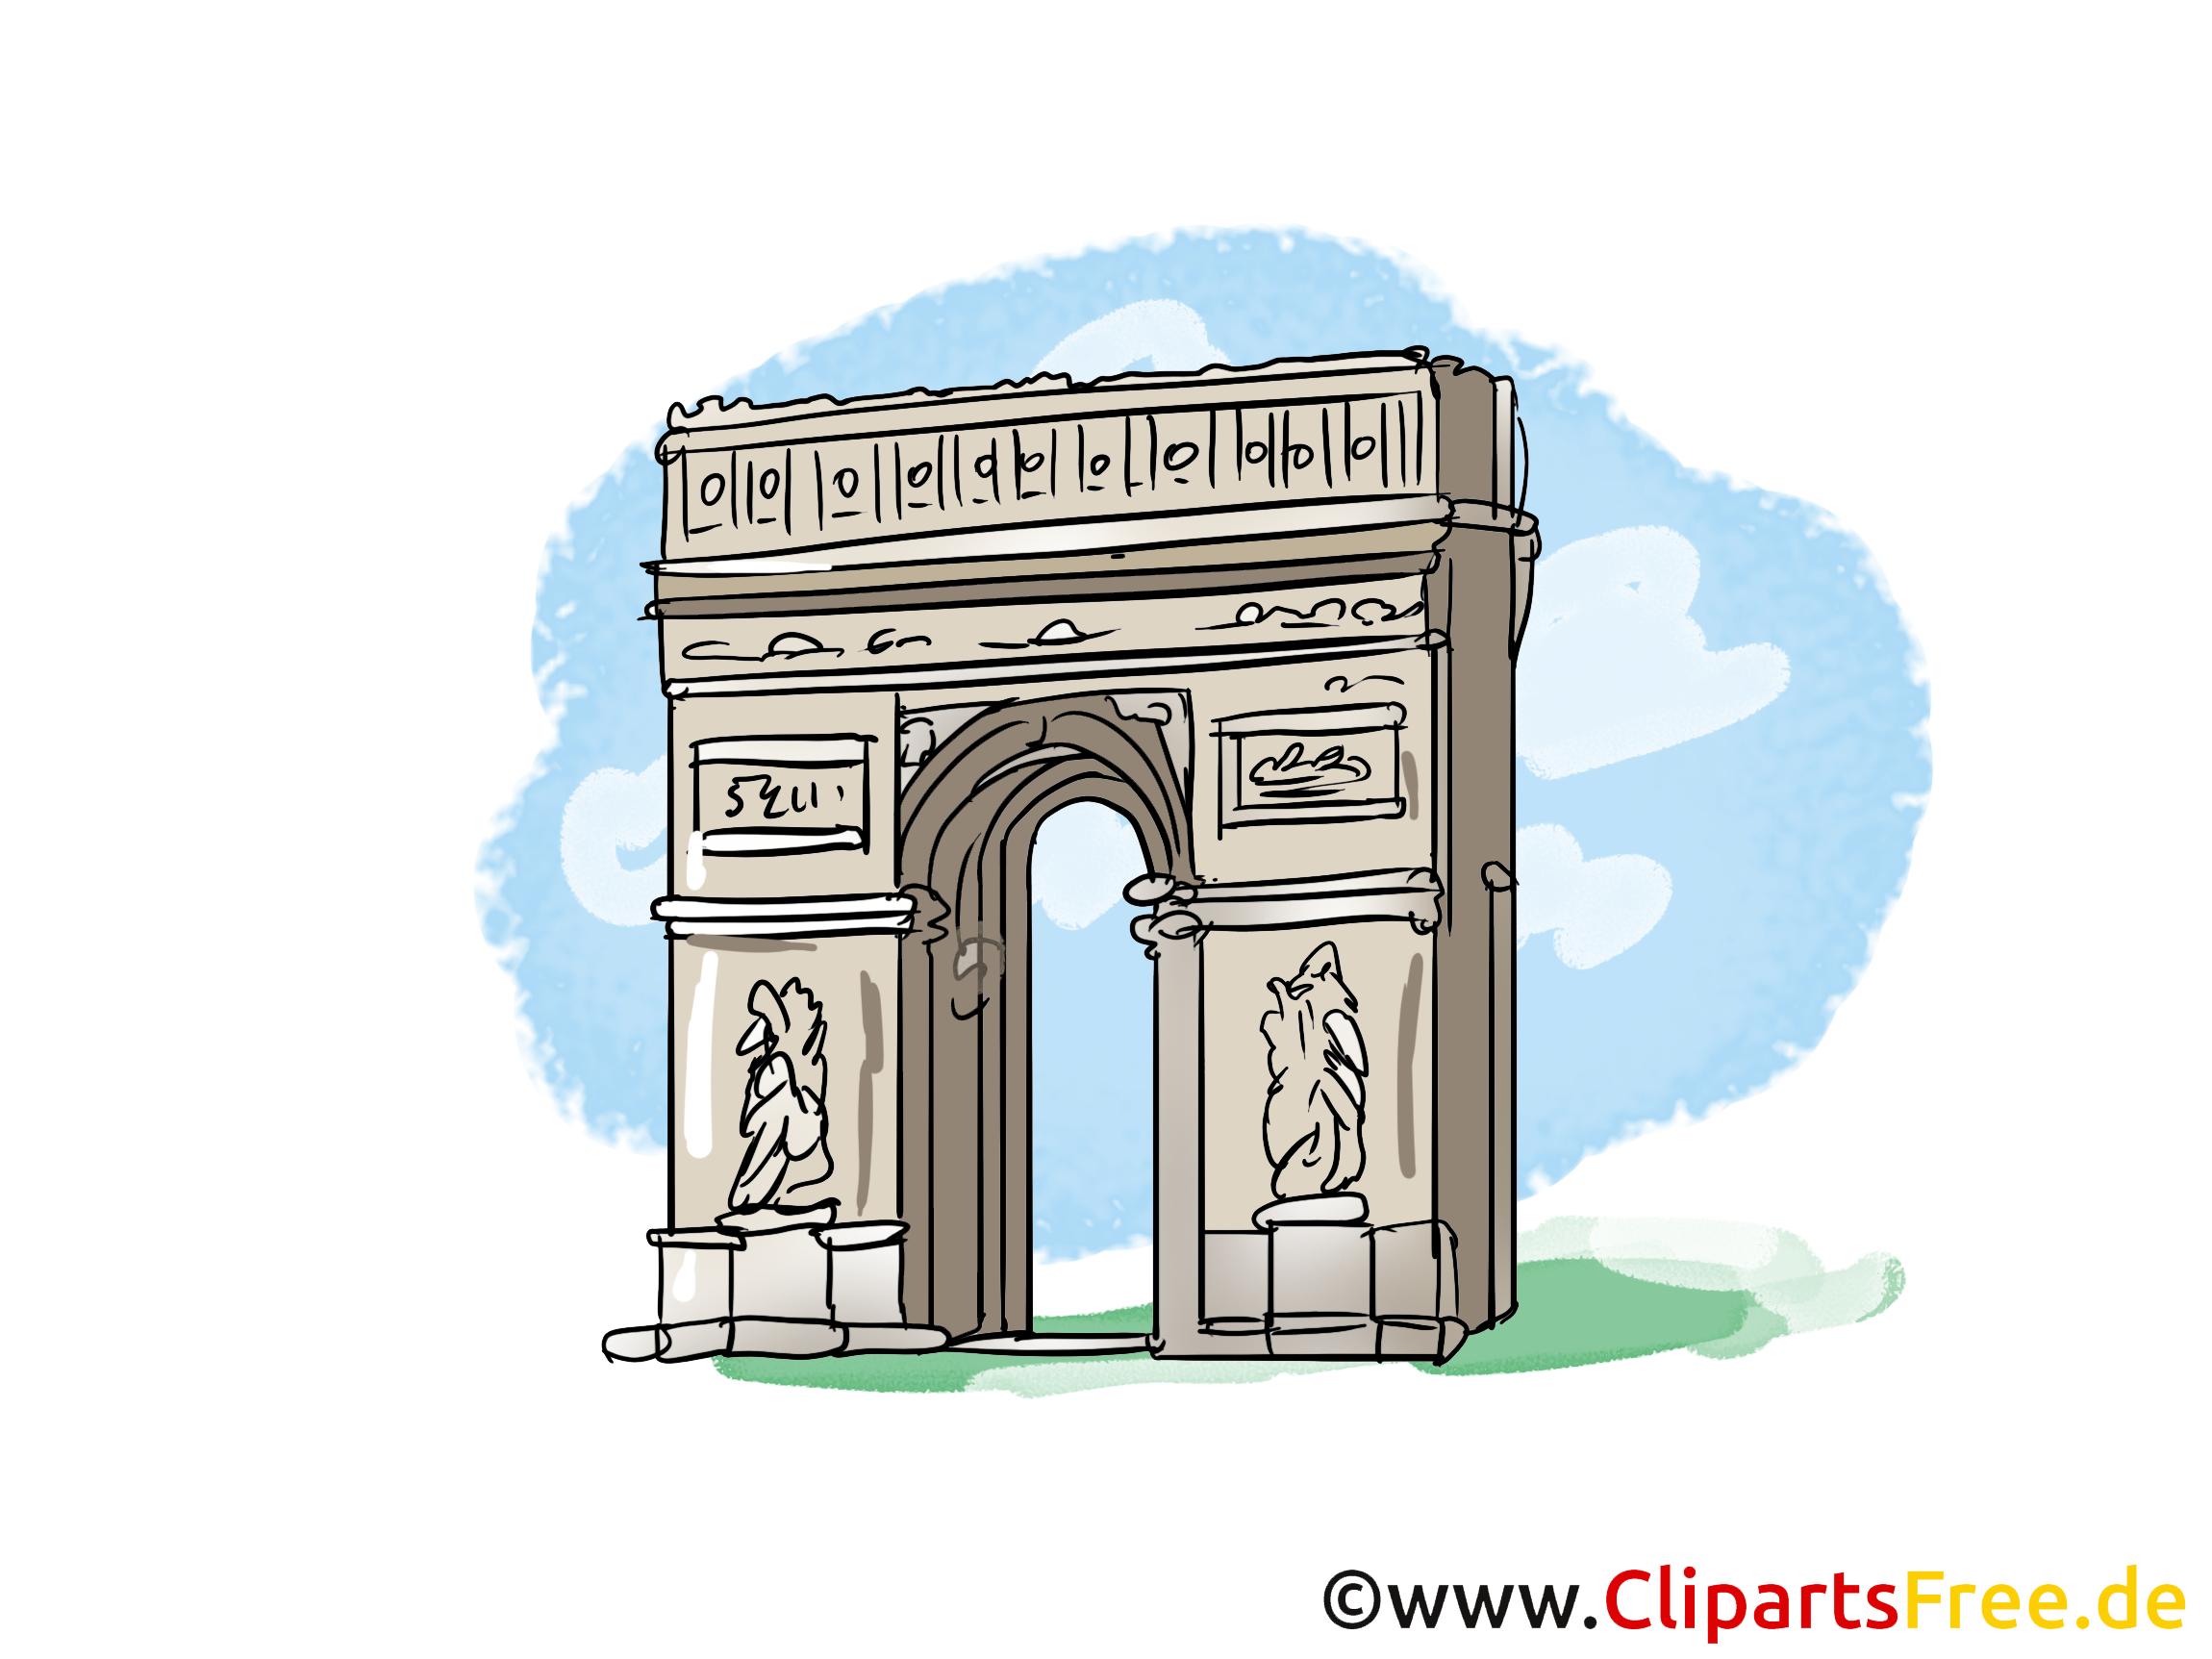 Аrc de triomphe clipart gratuit - Paris images